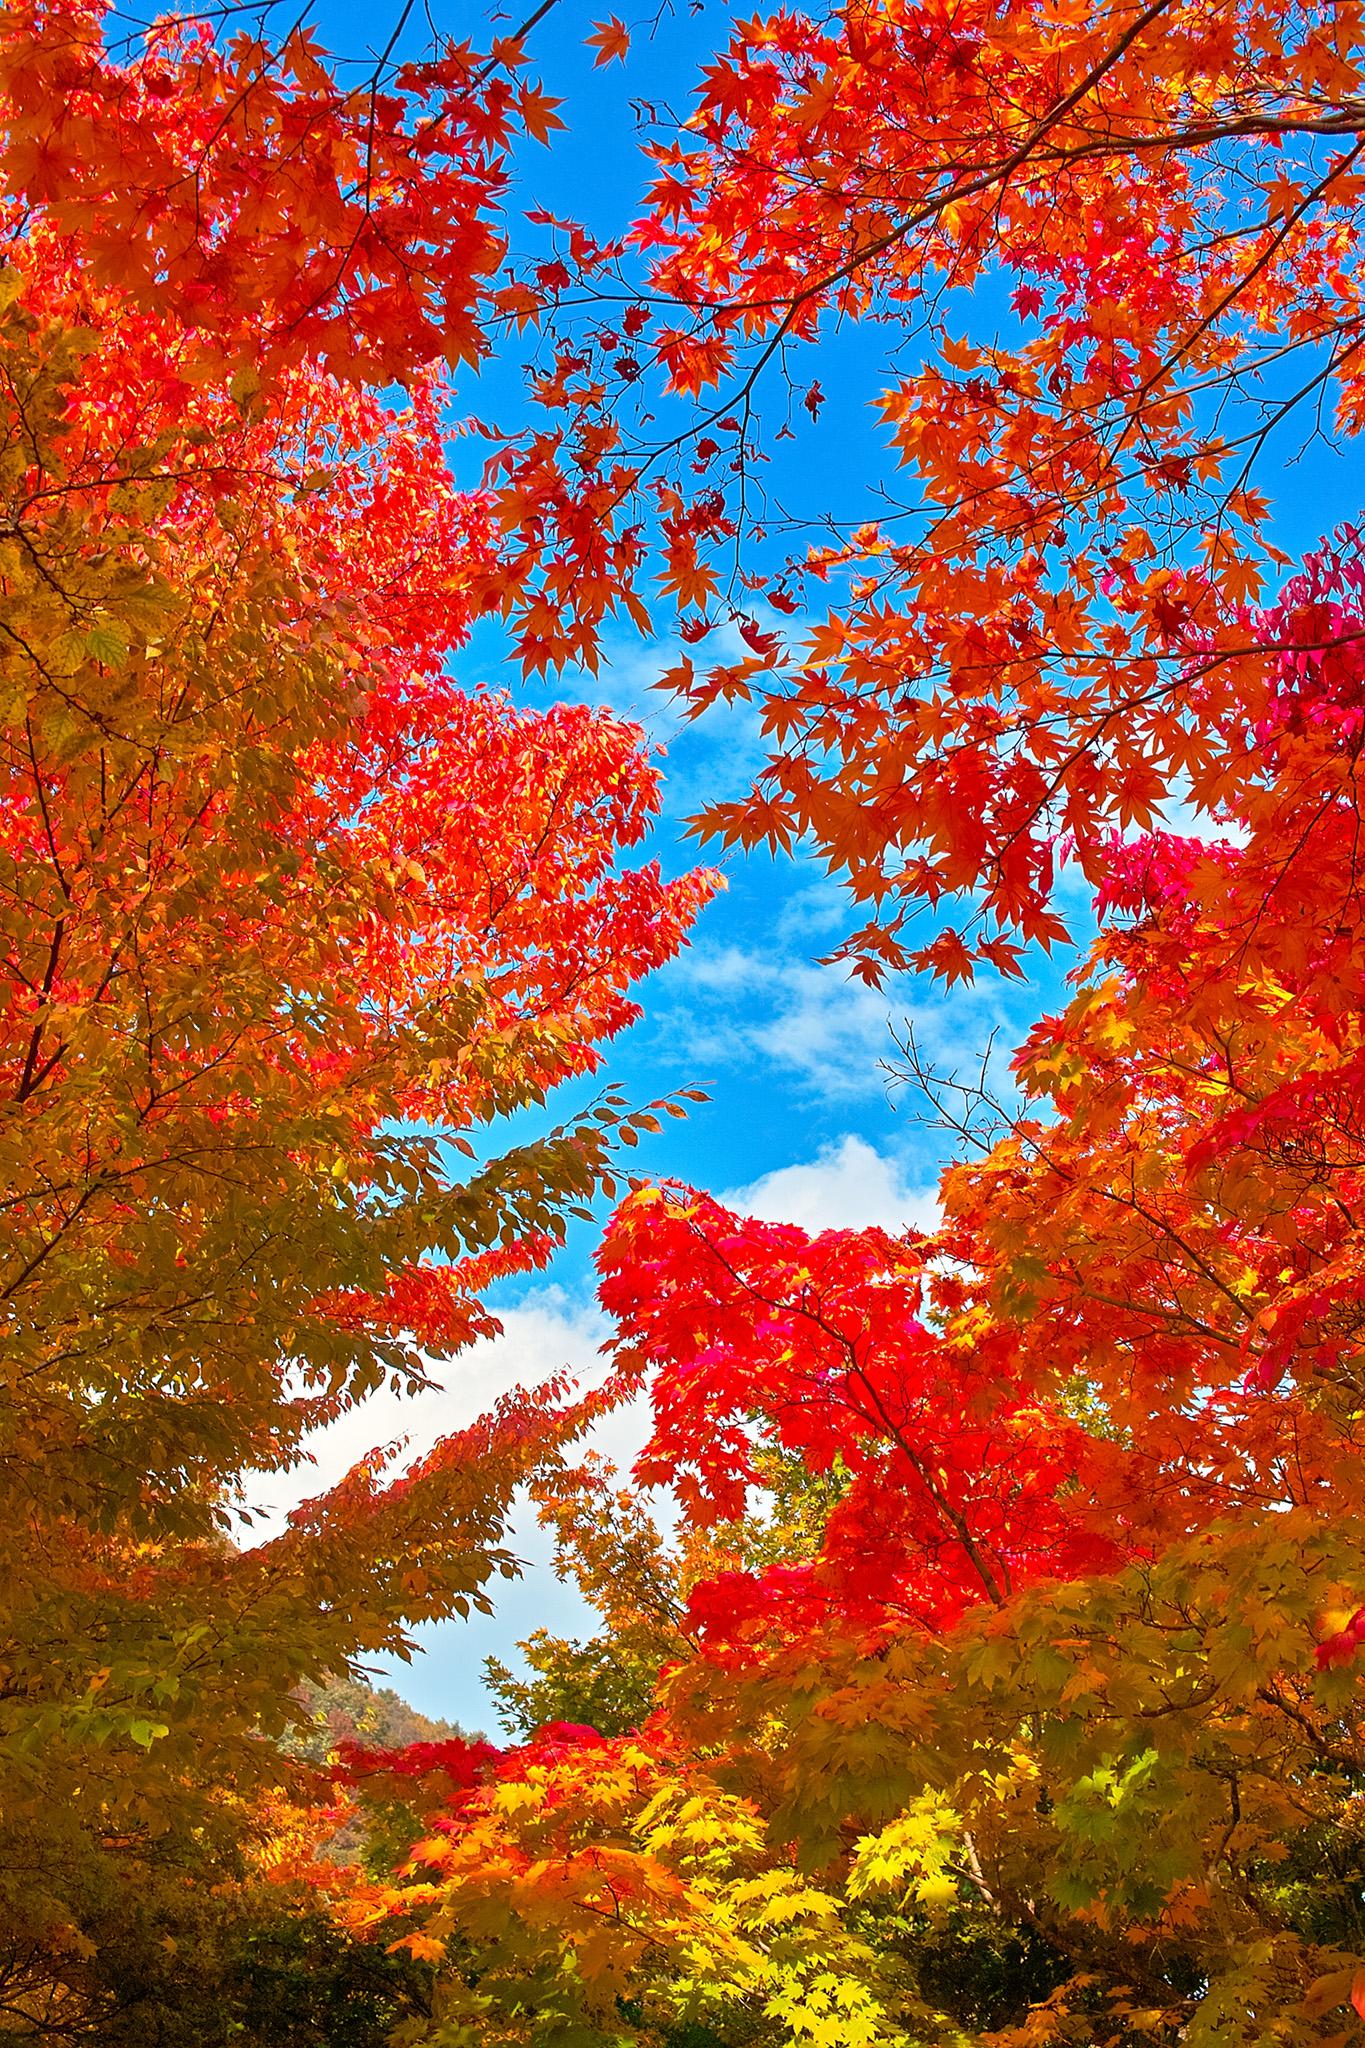 「色彩豊かな秋の背景」